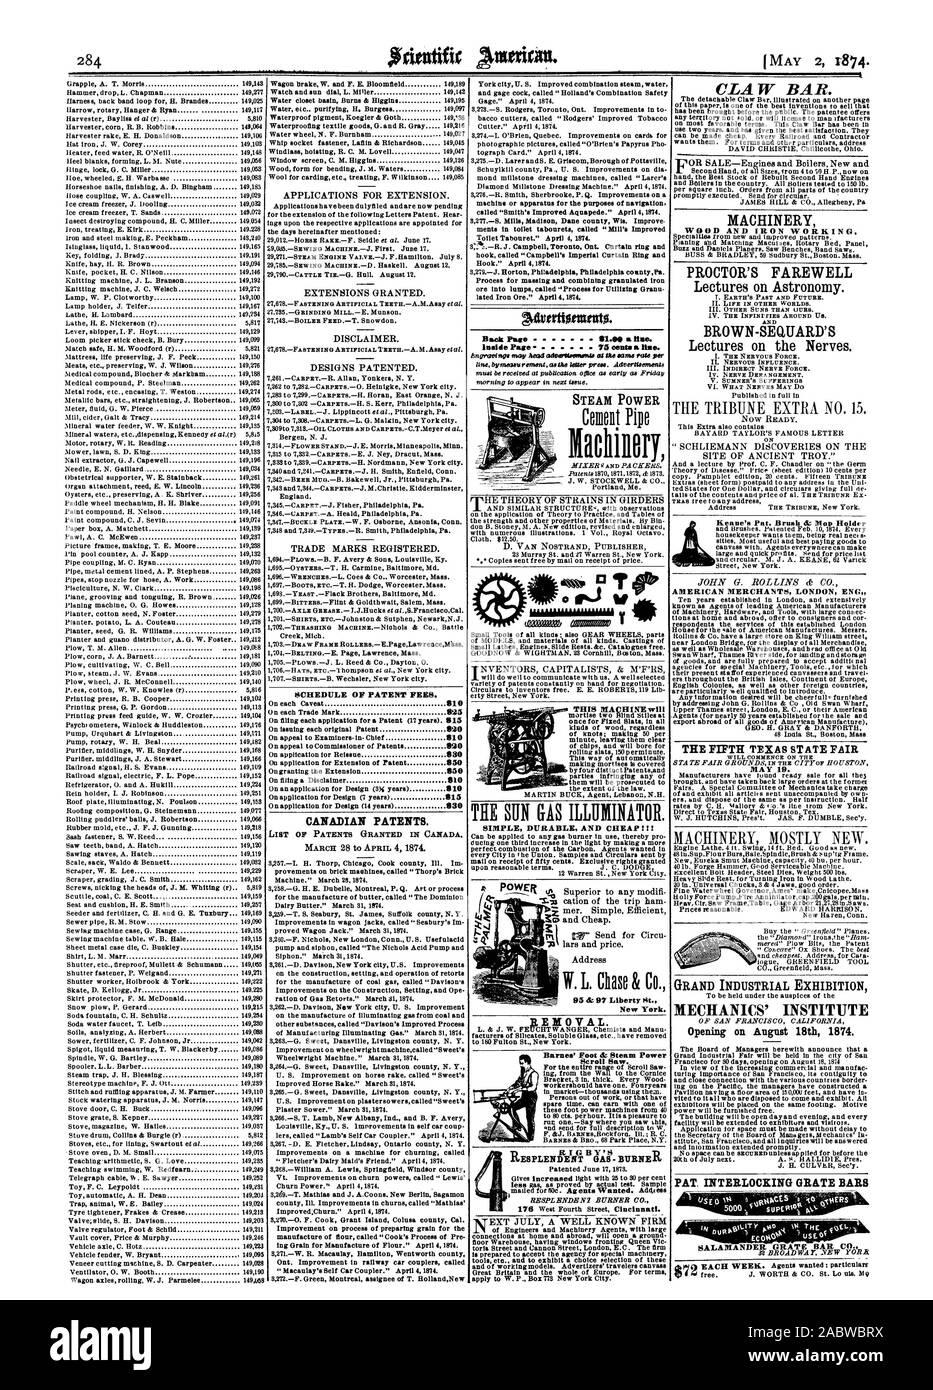 El calendario de las tasas de patentes. Las patentes canadienses. Advertionuttito. Volver a la página anterior 81.01) y flare dentro de la página 75 centavos un dobladillo ESTA MÁQUINA SIMPLE durable y barato !!! Barnes & Steam' pies Power Scroll Saw. Nueva York. BEDIOVAL. La energía de vapor Machillory CLAW BAR. Maquinaria de madera y hierro. PROCTOR'S FAREWELL II. La vida en otros mundos. III. Otros Soles que la nuestra. IV. El infini lazos alrededor de nosotros. Y Brown Sequard es I. LA FUERZA nerviosa. III. Nervio indirectos fuerza. IV. Trastornos nerviosos. V. SUMNER'S sufrimientos comenzará el 19 de mayo. Gran Exposición Industrial' en la apertura del Instituto de Mecánica Foto de stock